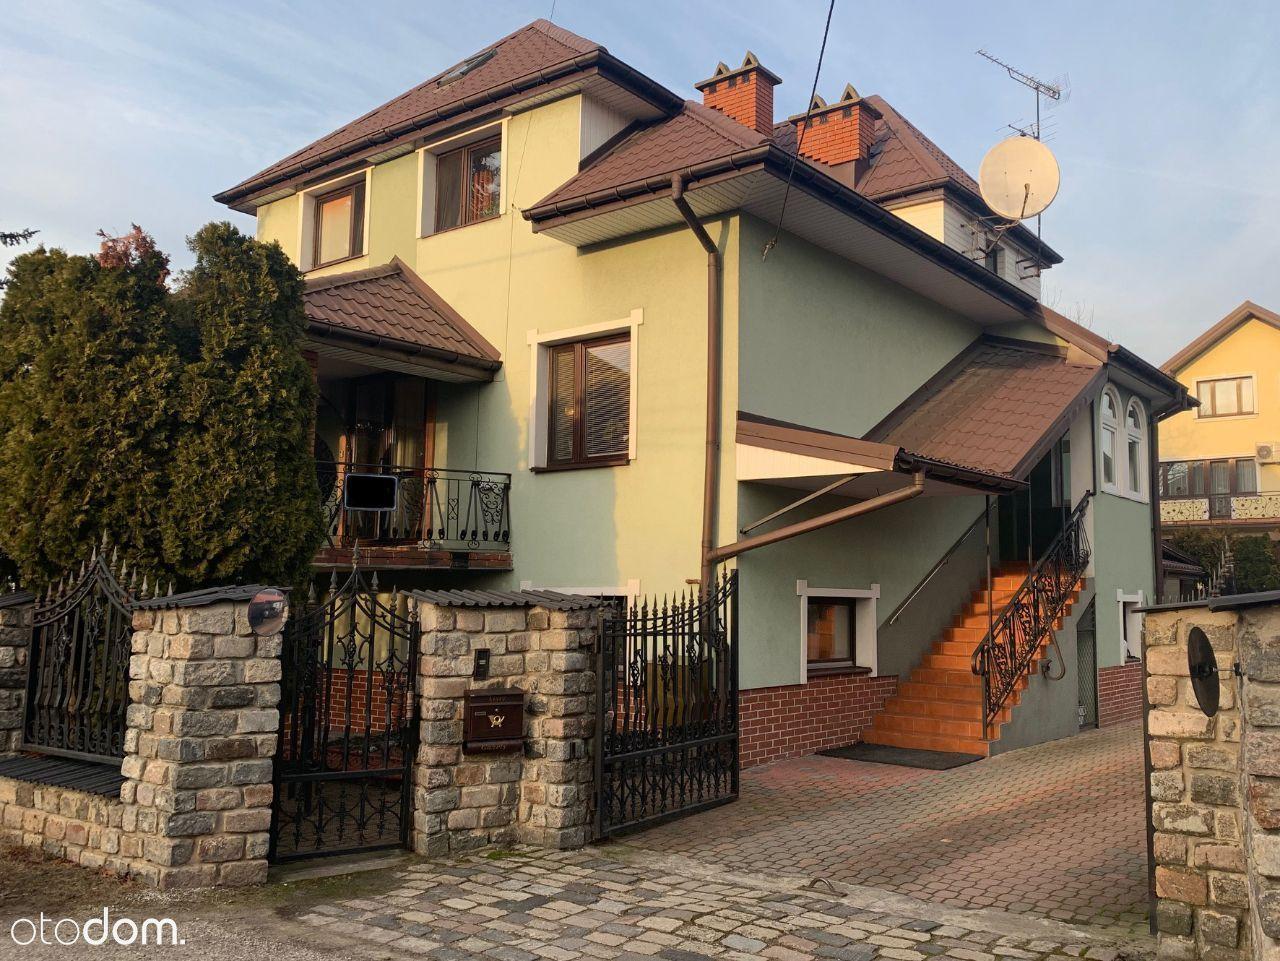 Dom w Wołominie, 2 osobne wejścia, 5 min od PKP